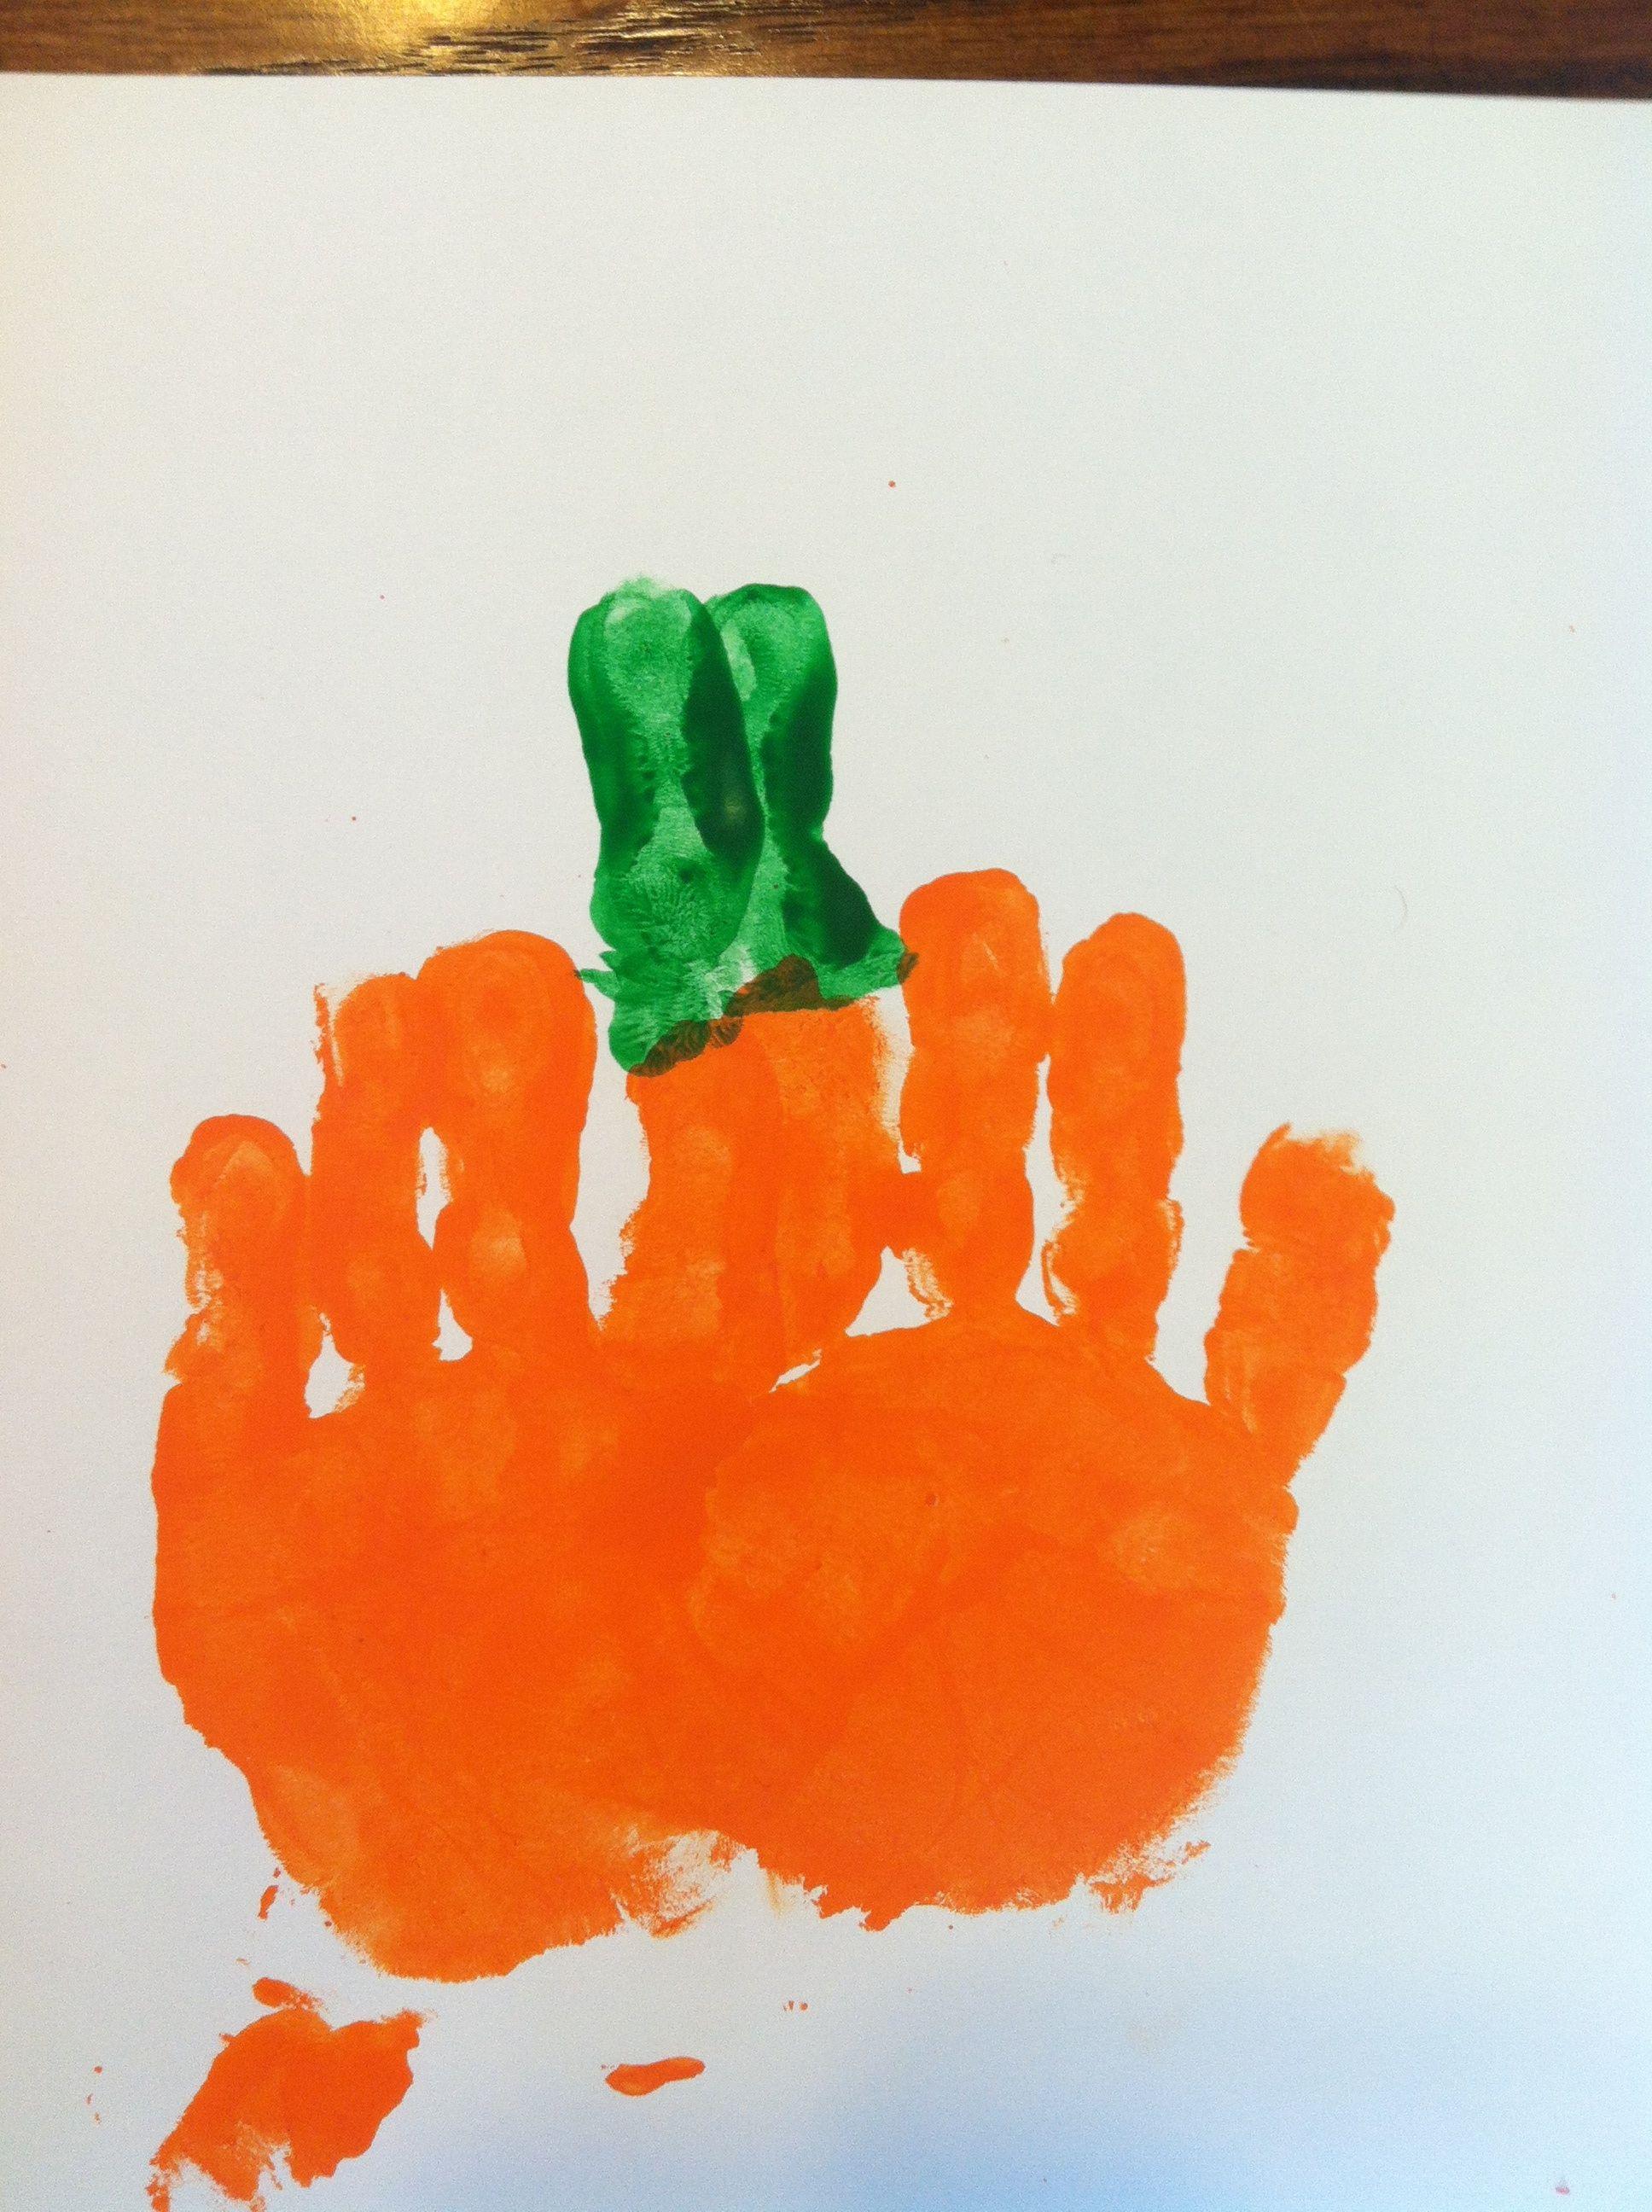 33+ Pumpkin arts and crafts for preschoolers ideas